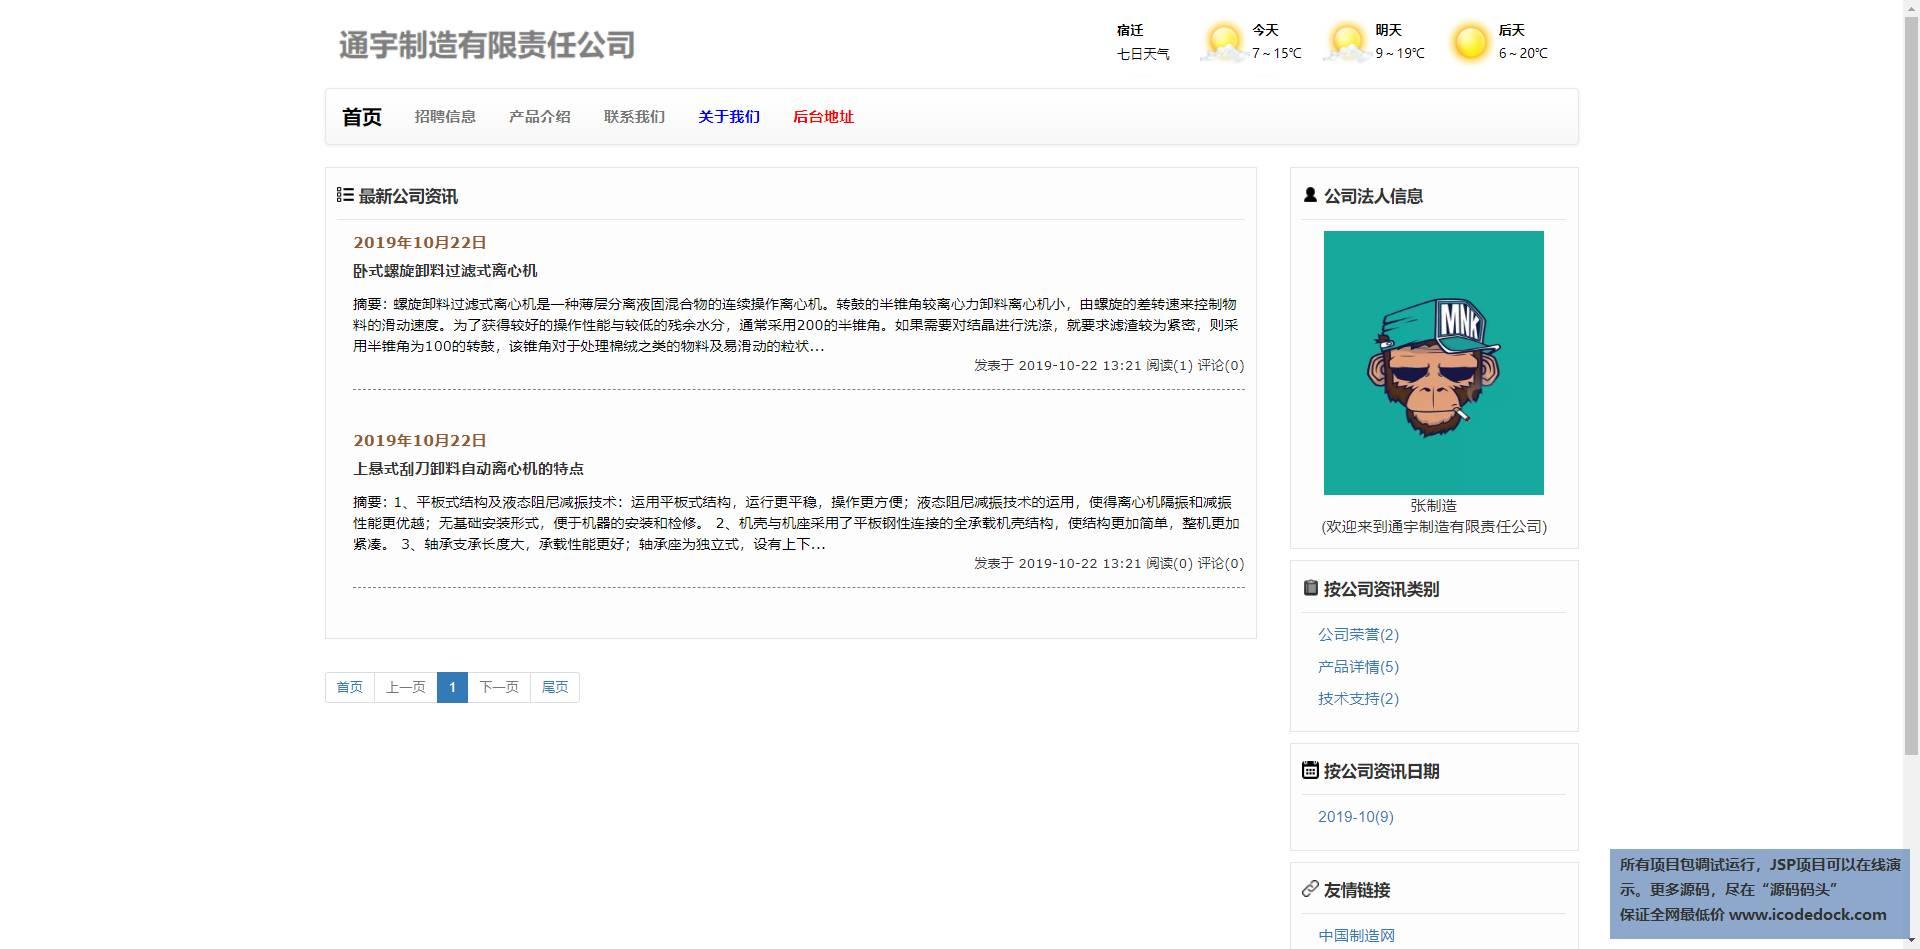 源码码头-SSM企业官方网站-用户角色-技术支持